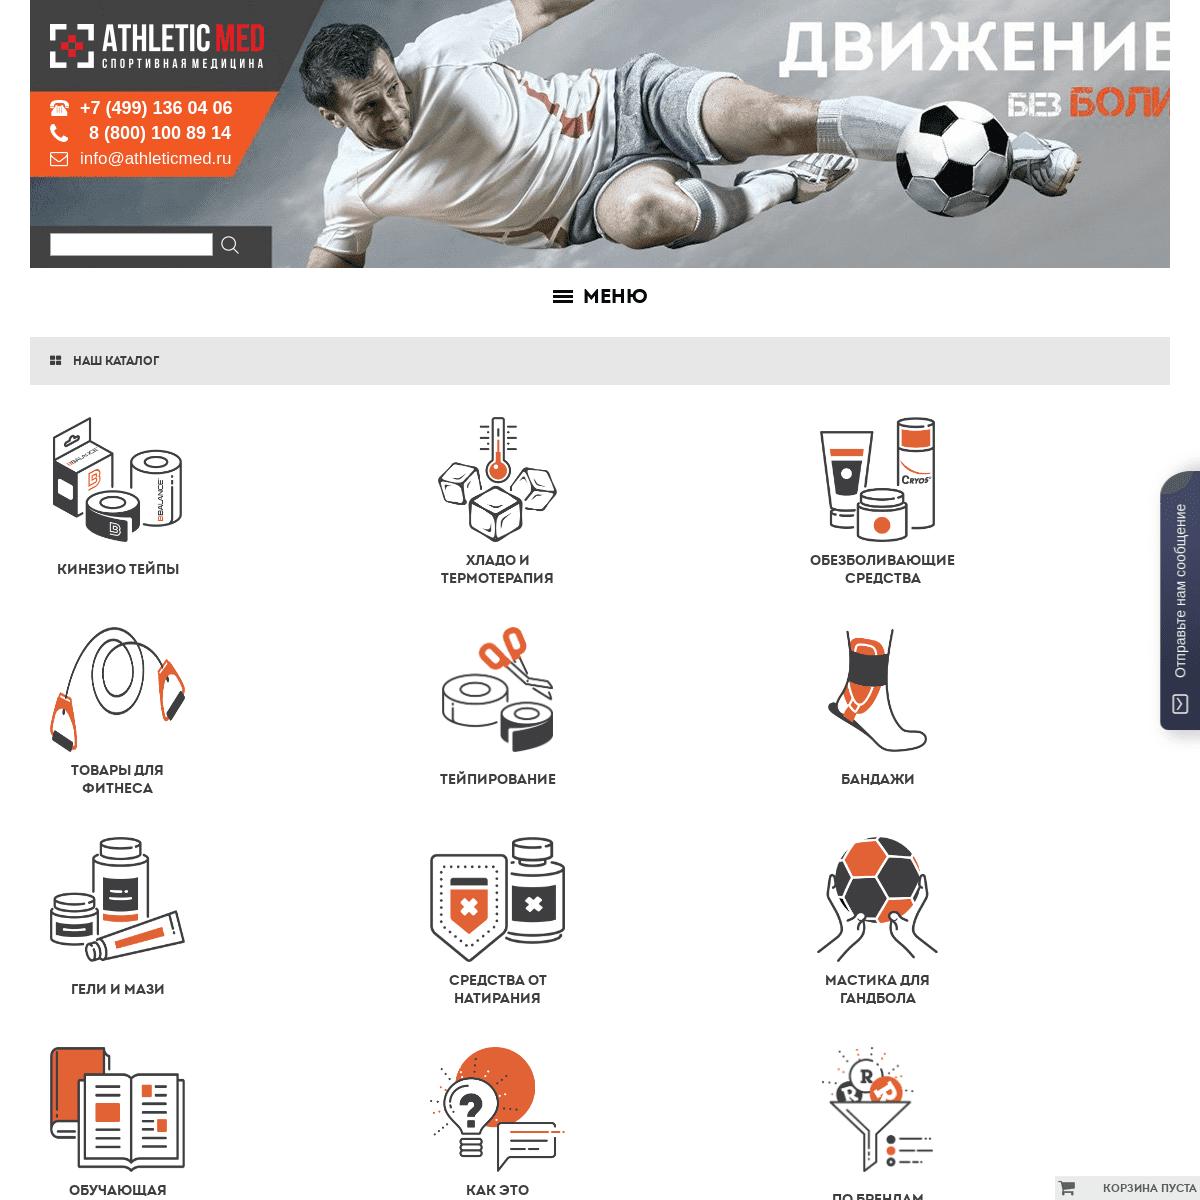 AthleticMed - интернет-магазин спортивной медицины по низким ценам!